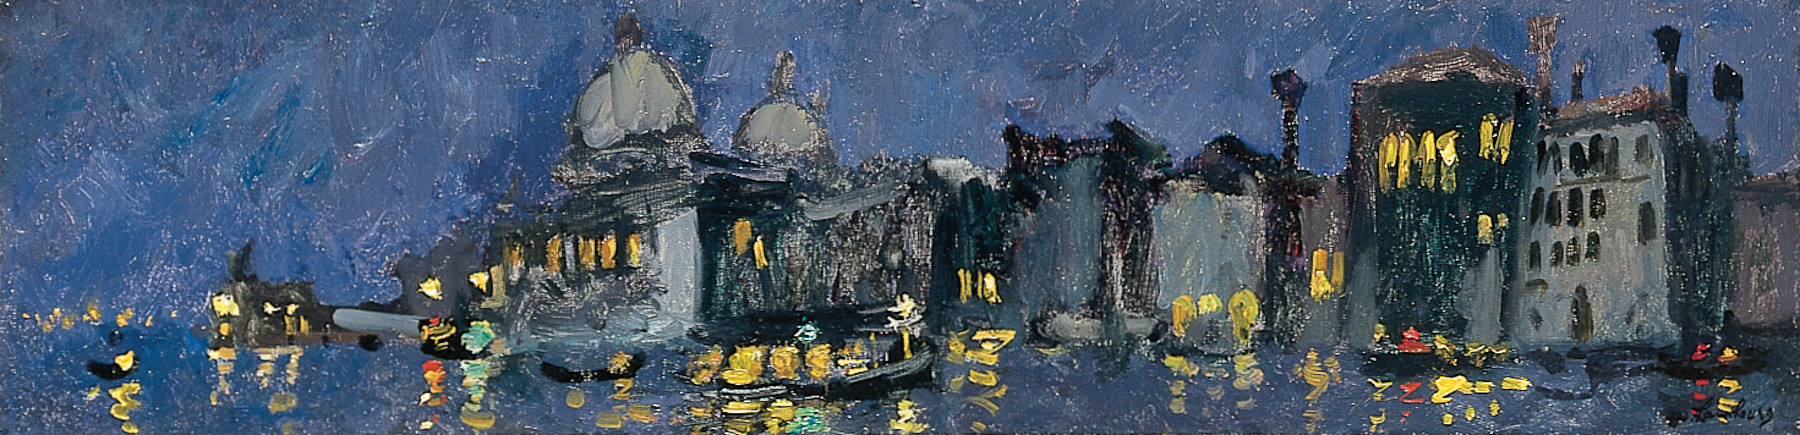 «Lumières sur le Grand Canal» 1960, 16cmx61cm, VE 79